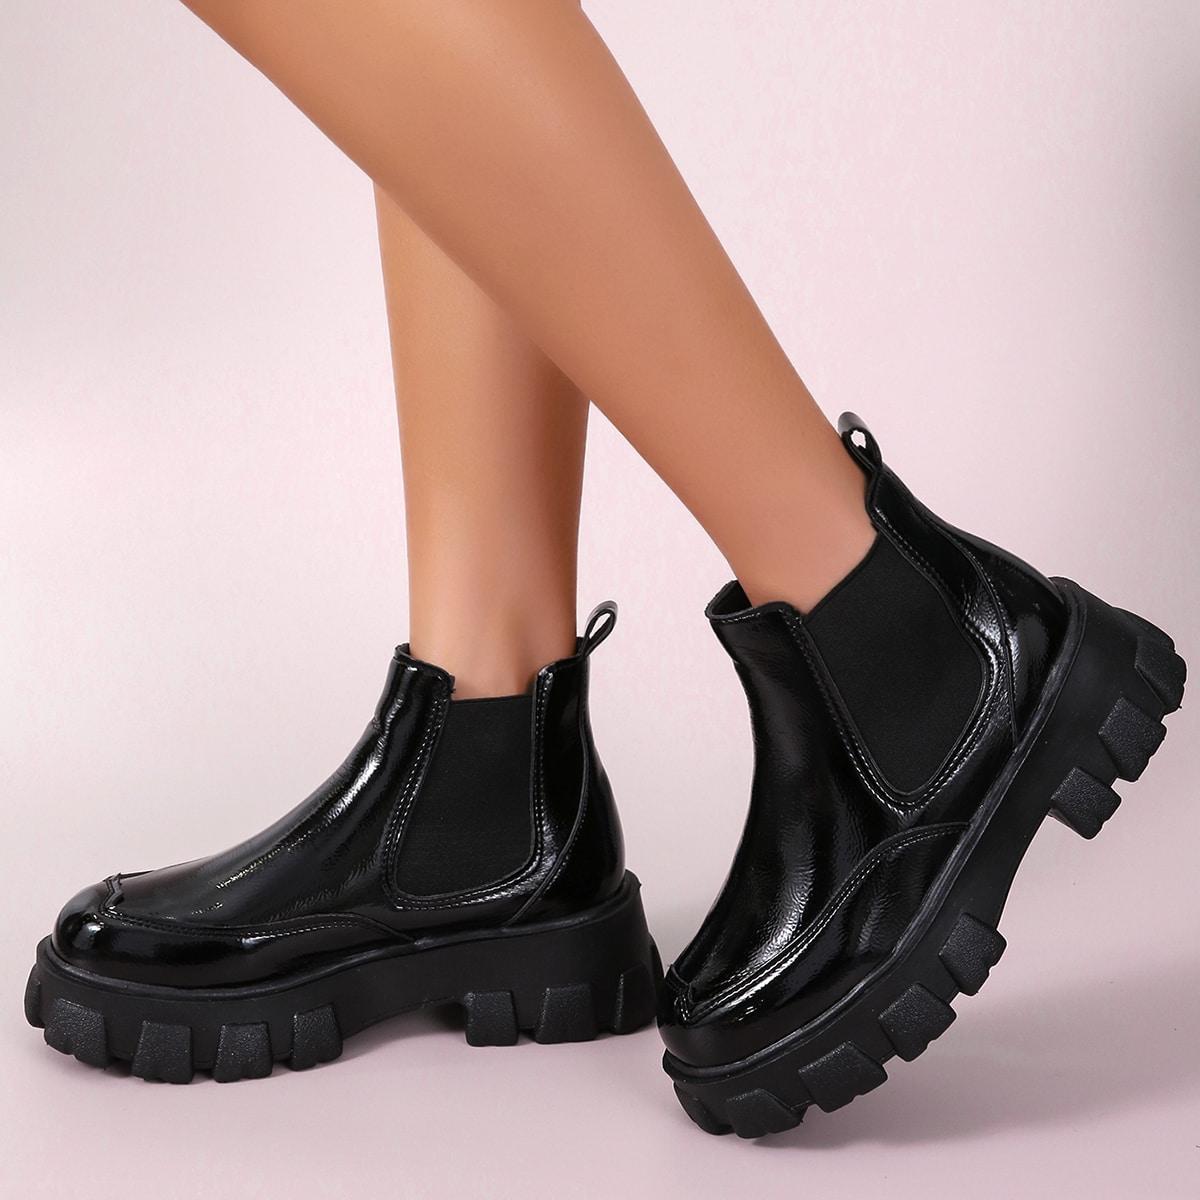 Обуви без шнурков Одноцветный Круто Сапоги